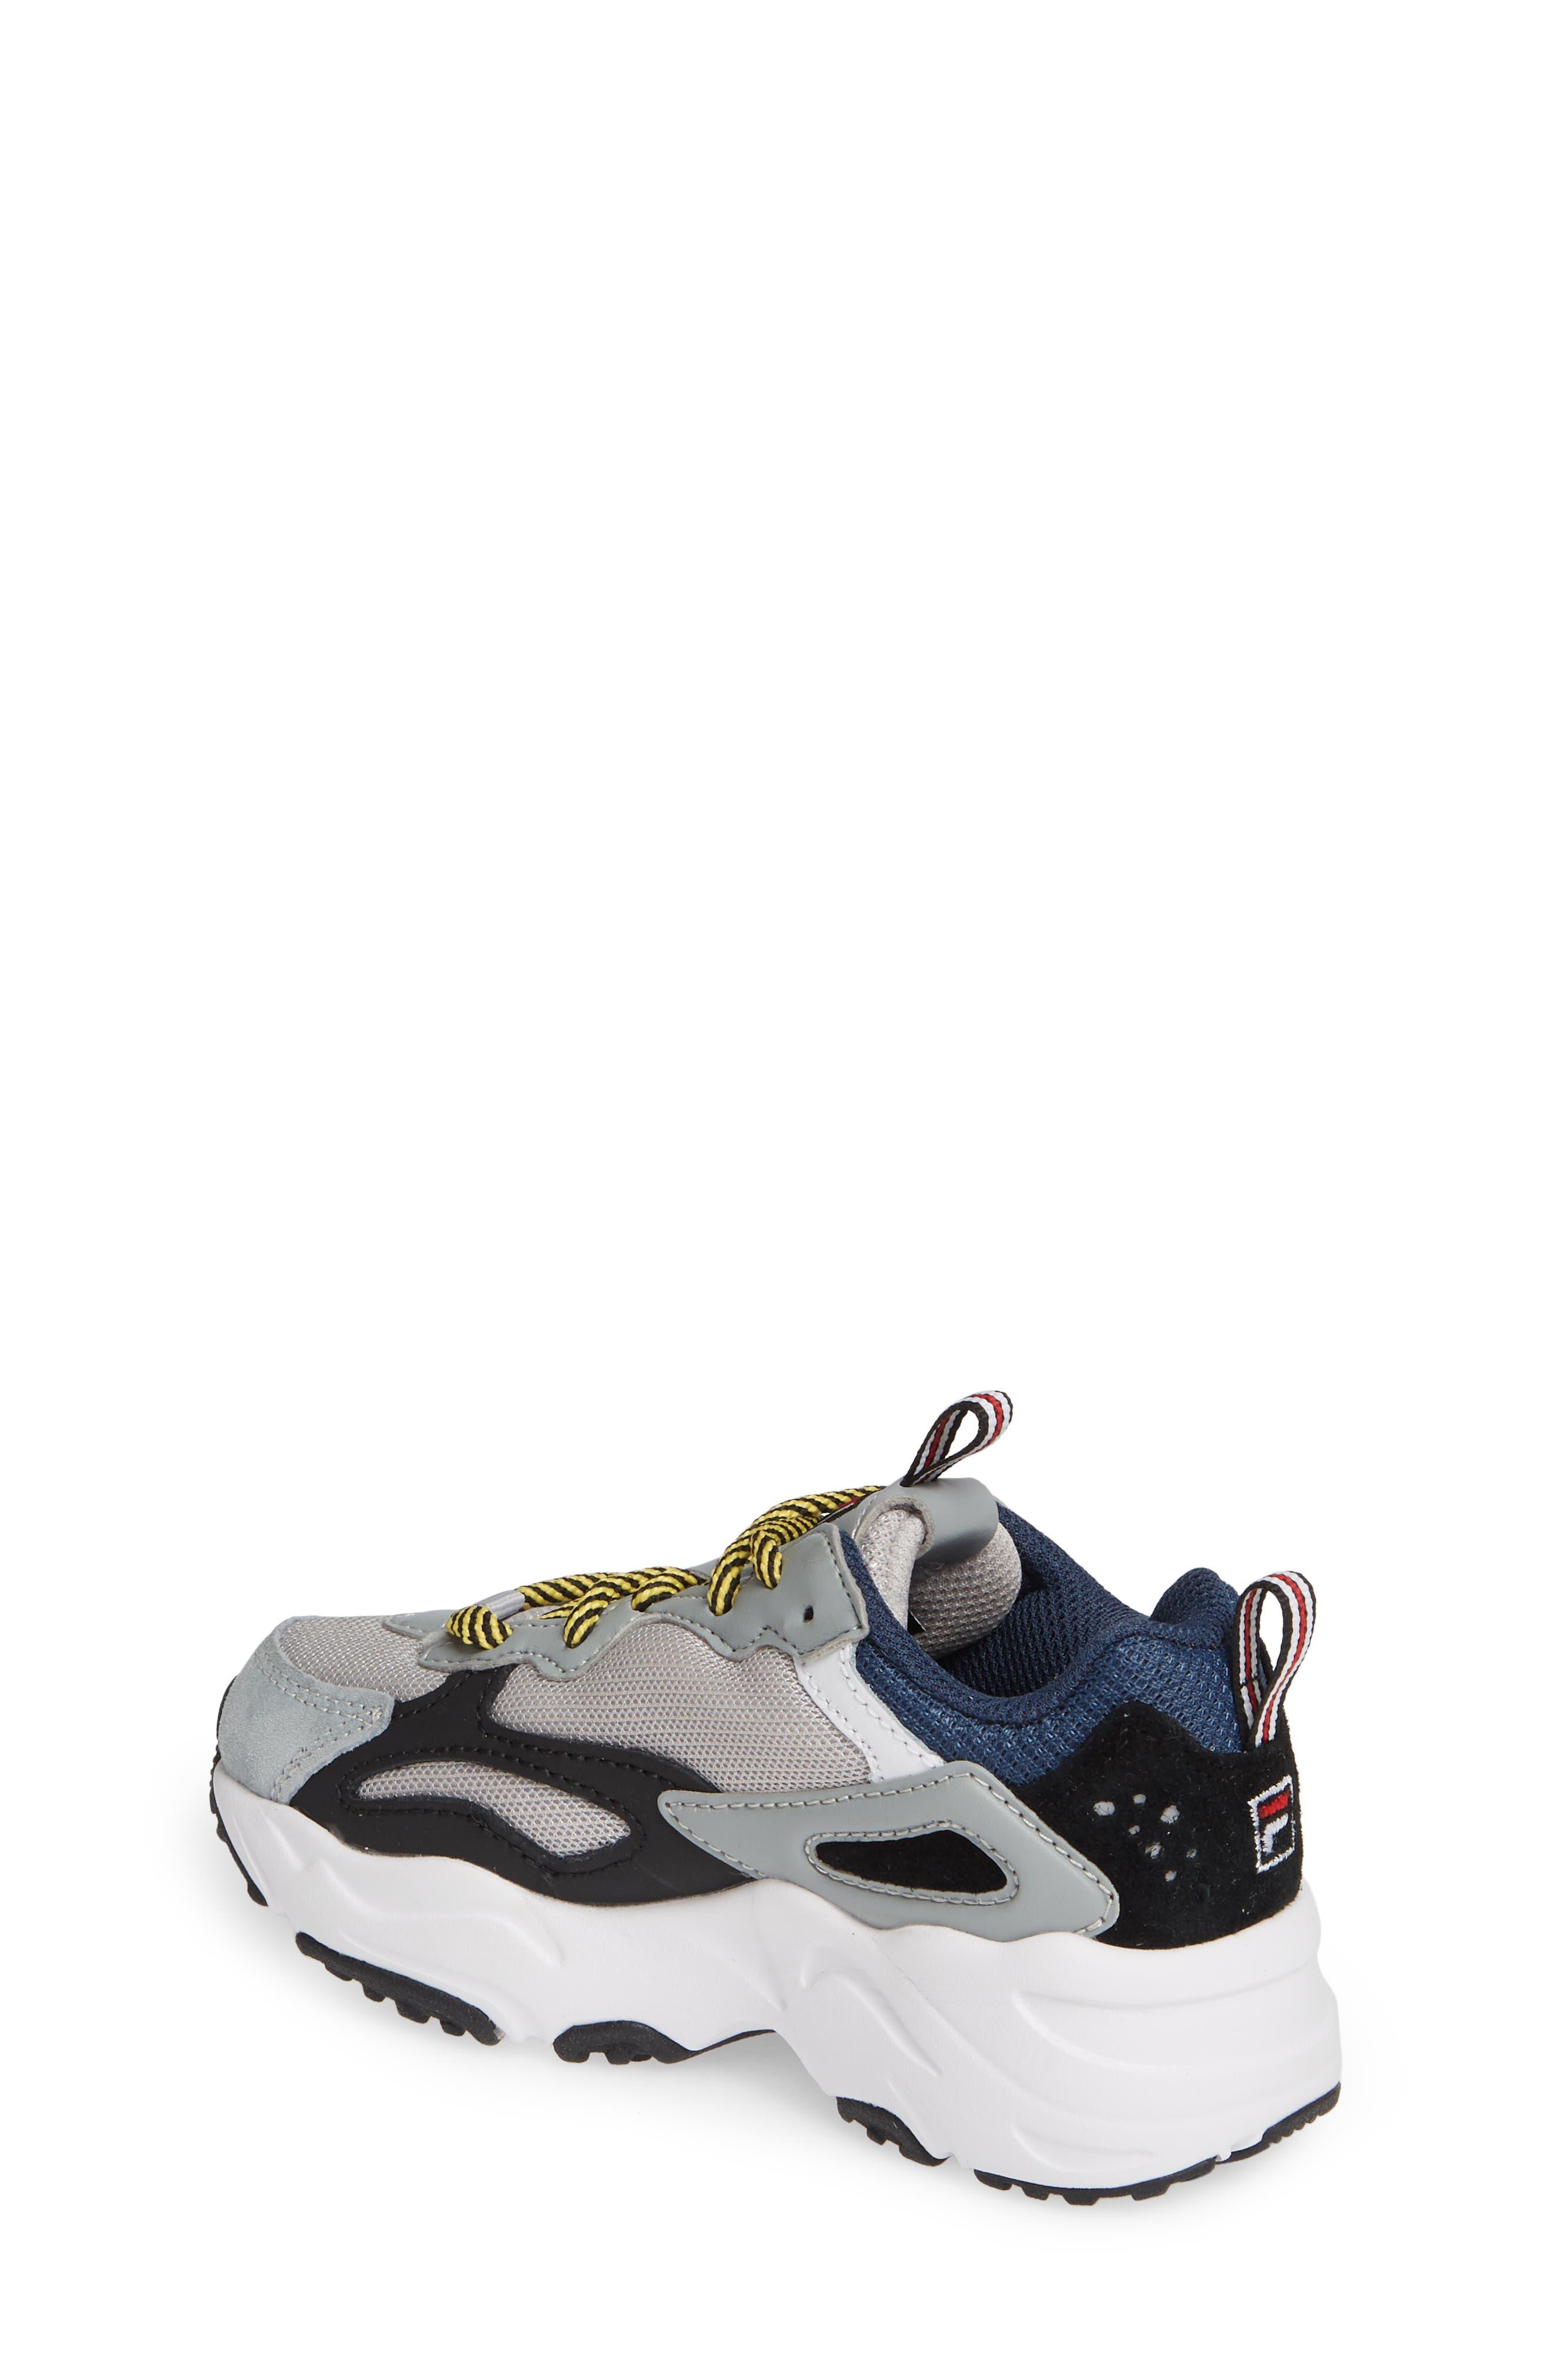 7fedb9c38f47 fila shoes for boys